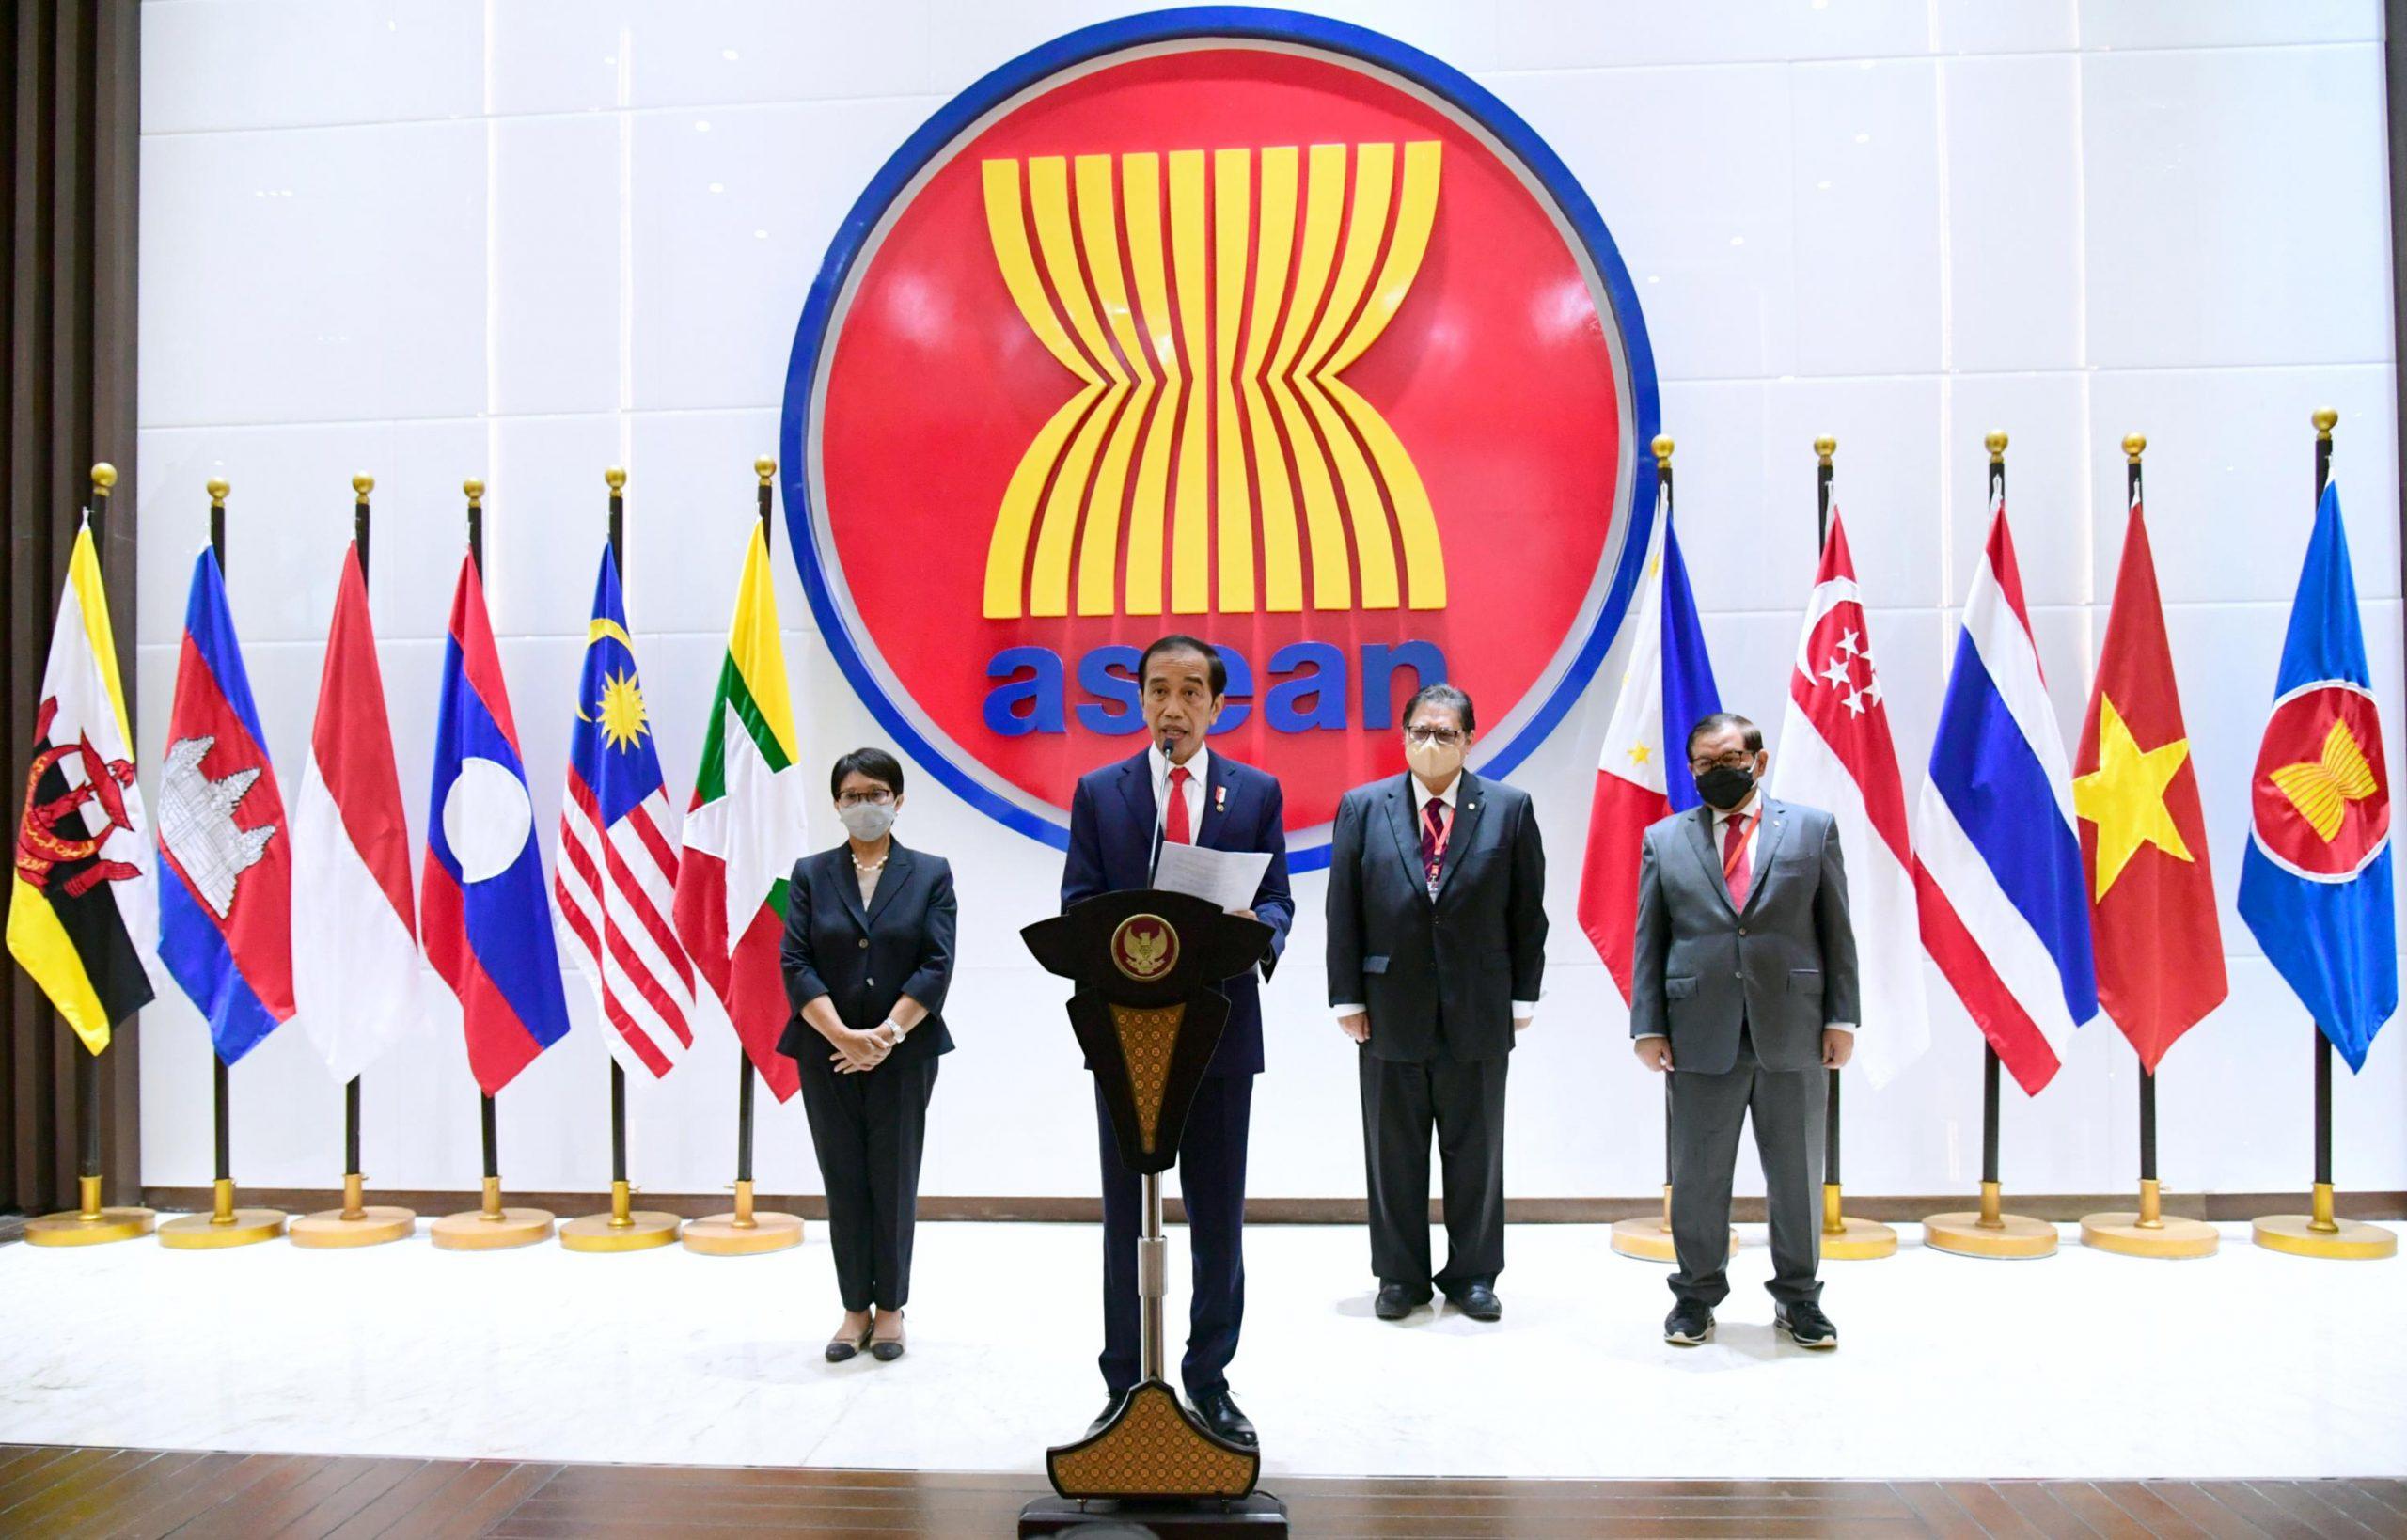 Le président indonésien Joko Widodo lors d'une conférence de presse à l'issue du sommet spécial de l'ASEAN sur la Birmanie, le 24 avril 2021. (Source : APNEWS)